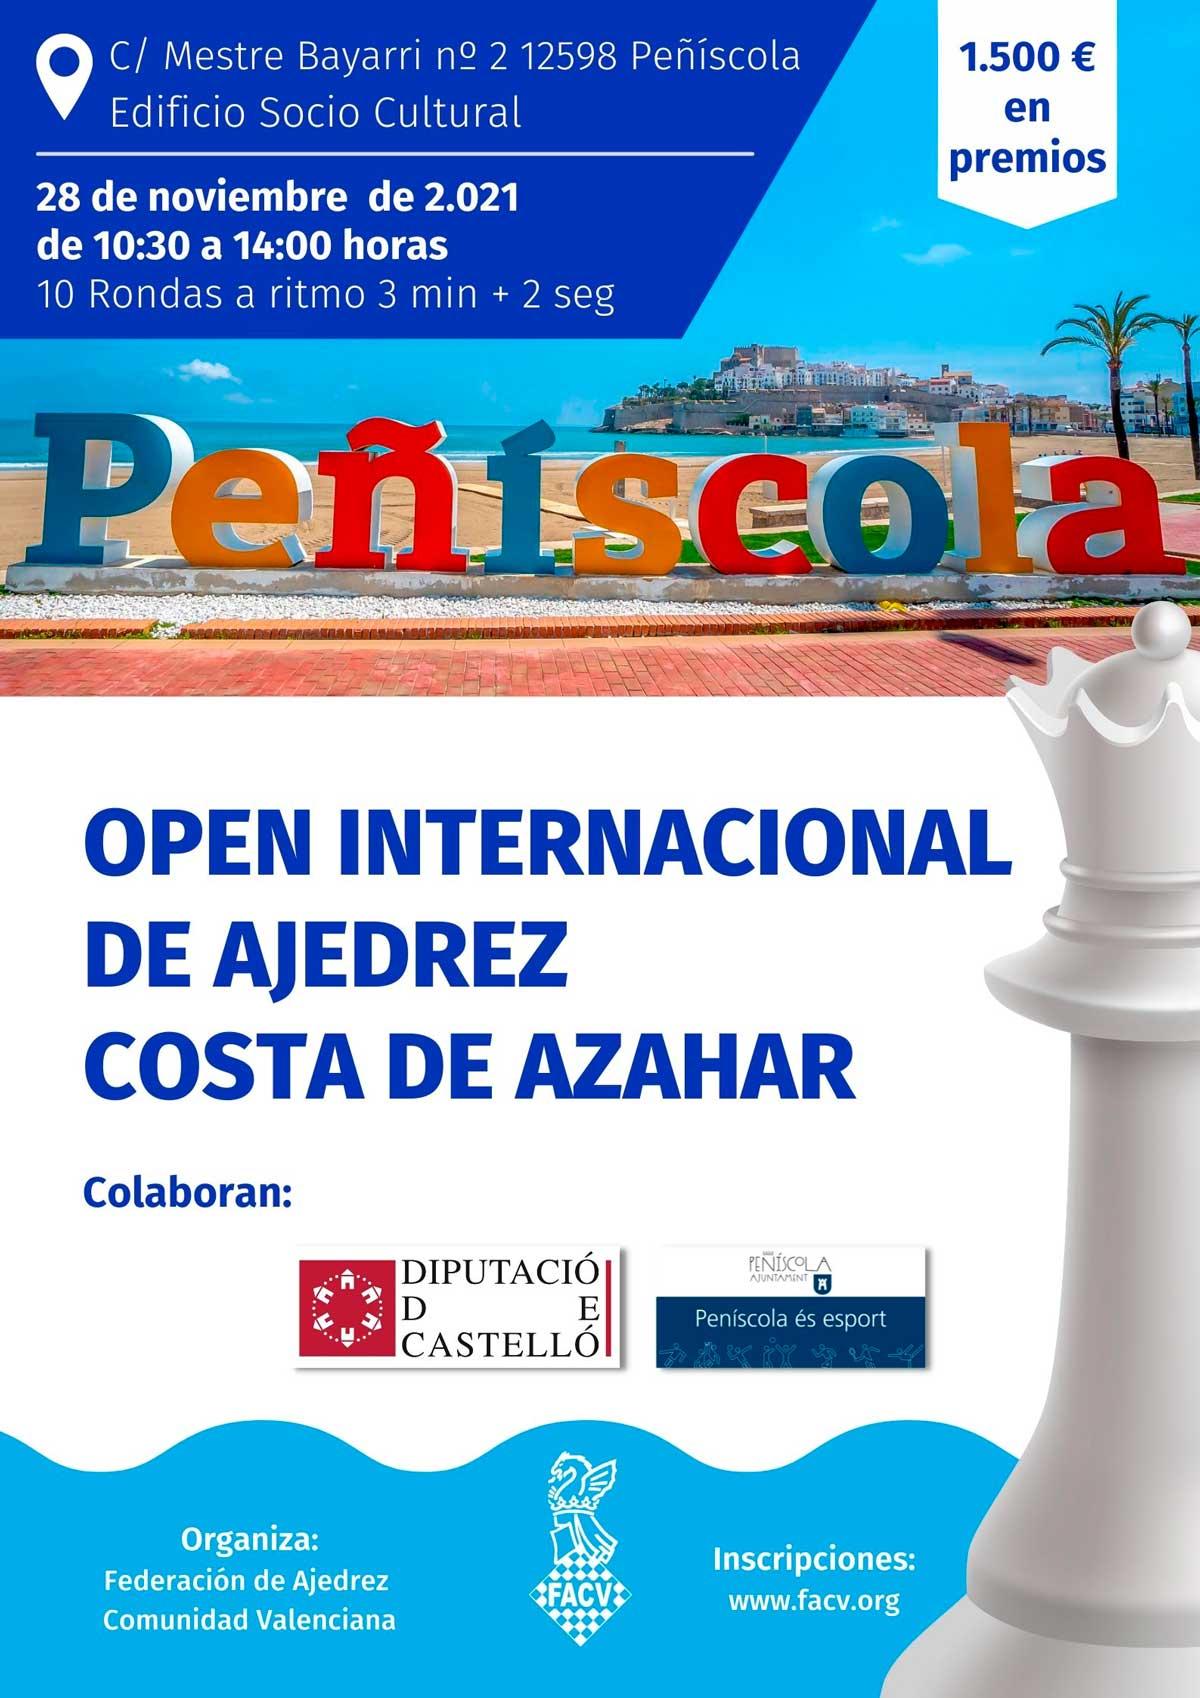 Cartel anunciador torneo de ajedrez en Peñíscola, España